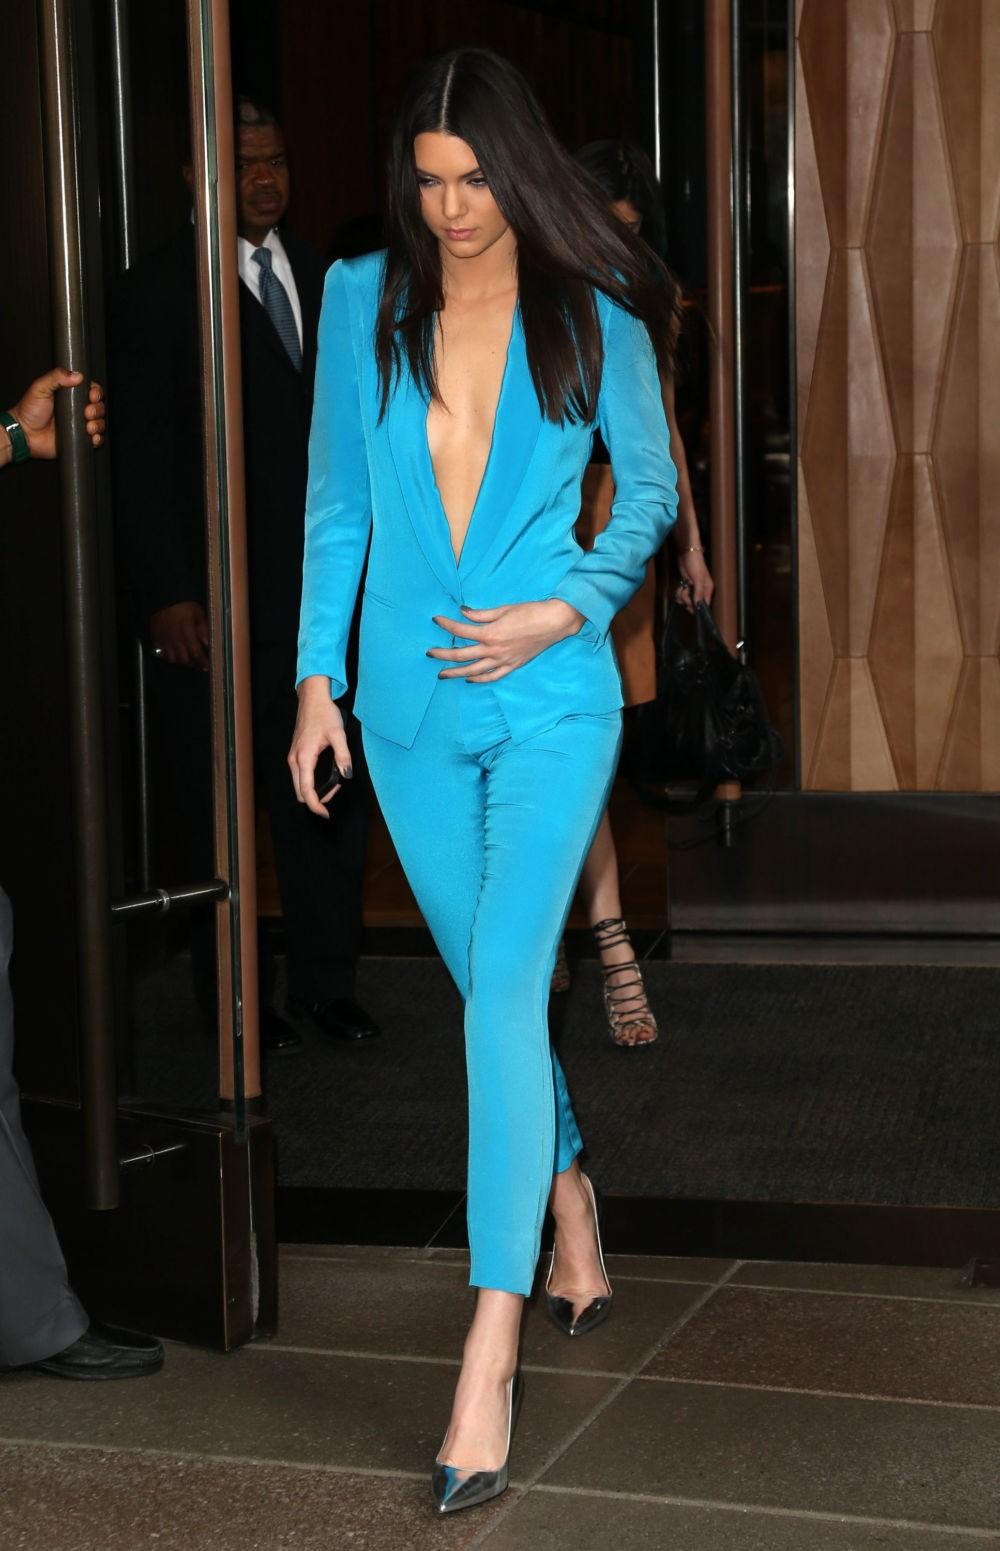 костюм голубой пиджак брюки на вечер